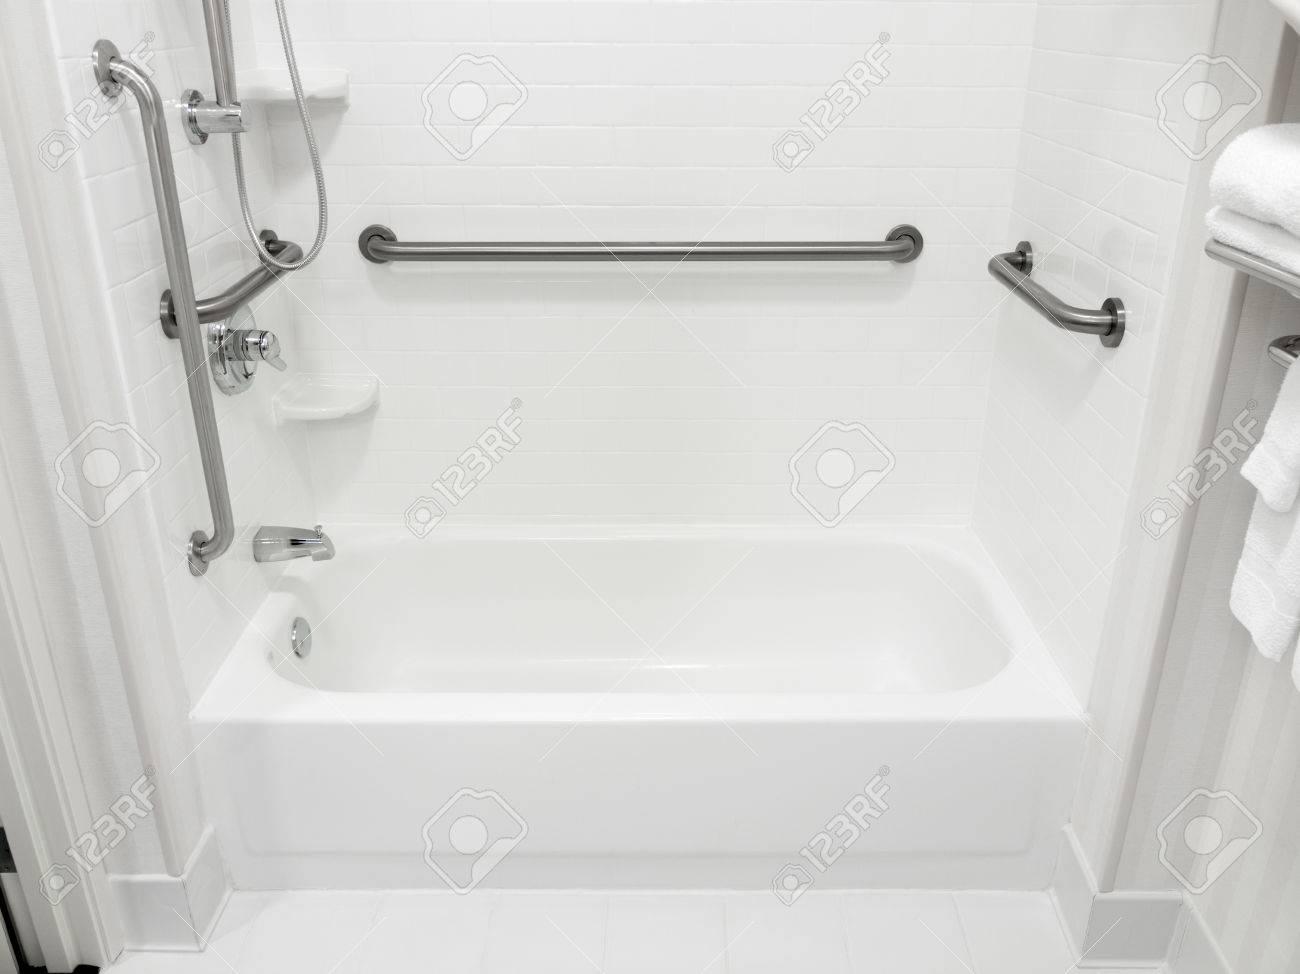 acces handicapes handicapes baignoire salle de bain avec barres d appui banque d images et photos libres de droits image 77879071